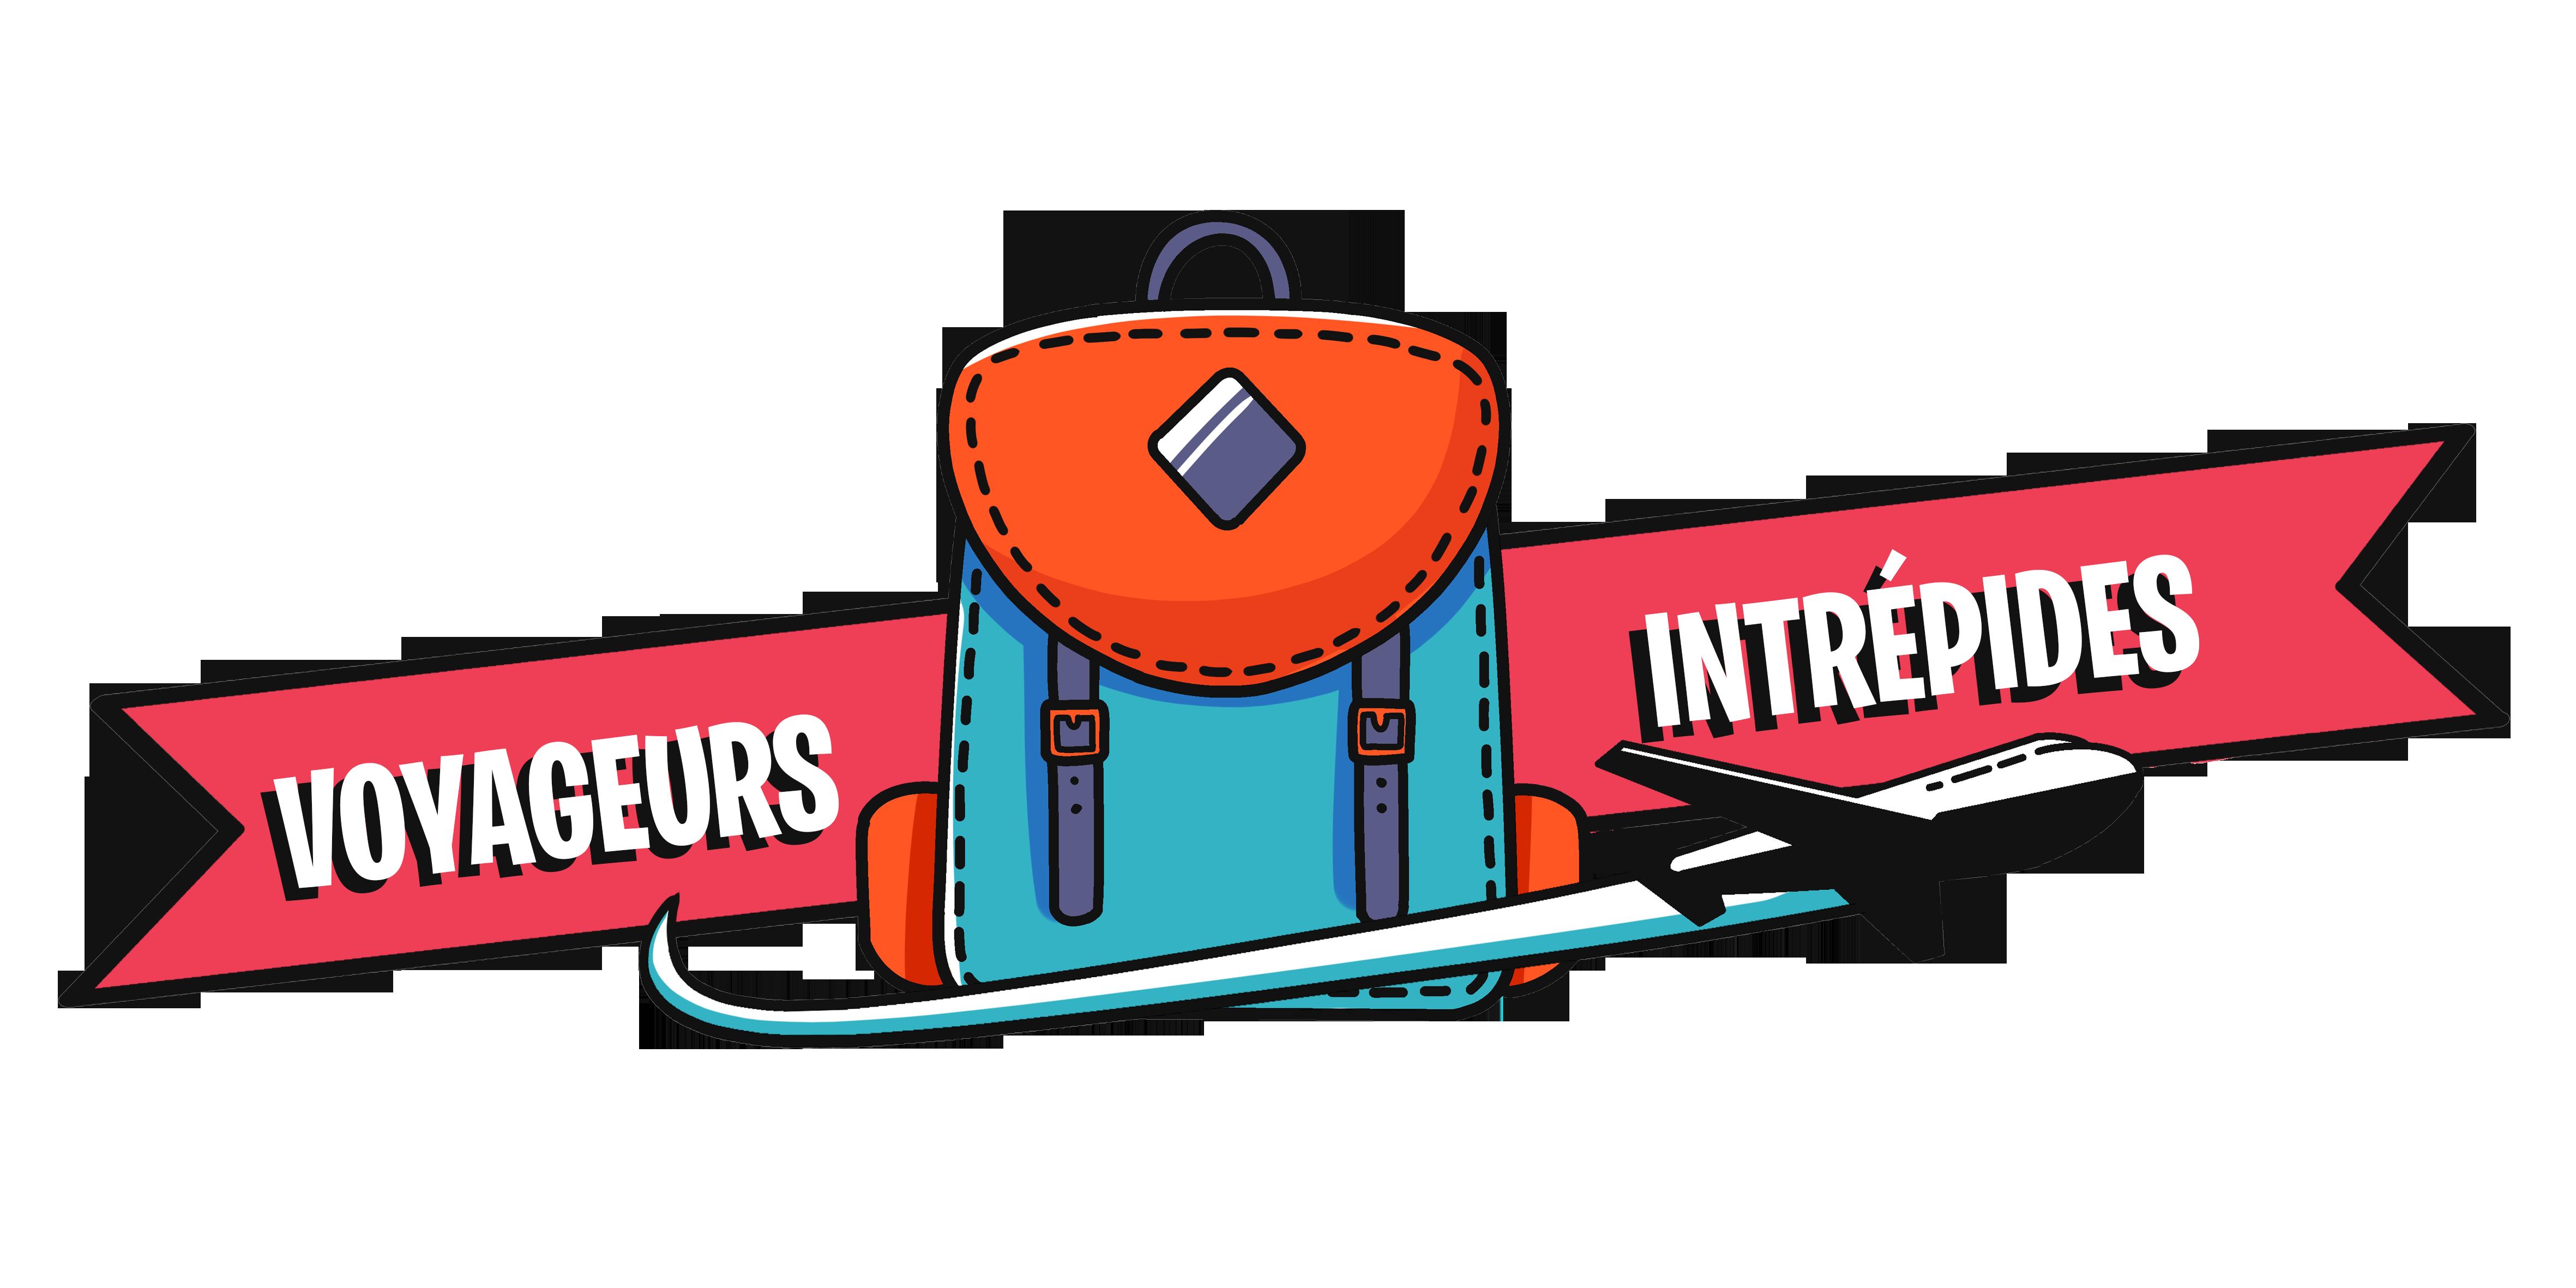 Voyageurs Intrépides - le blog de tous les voyages